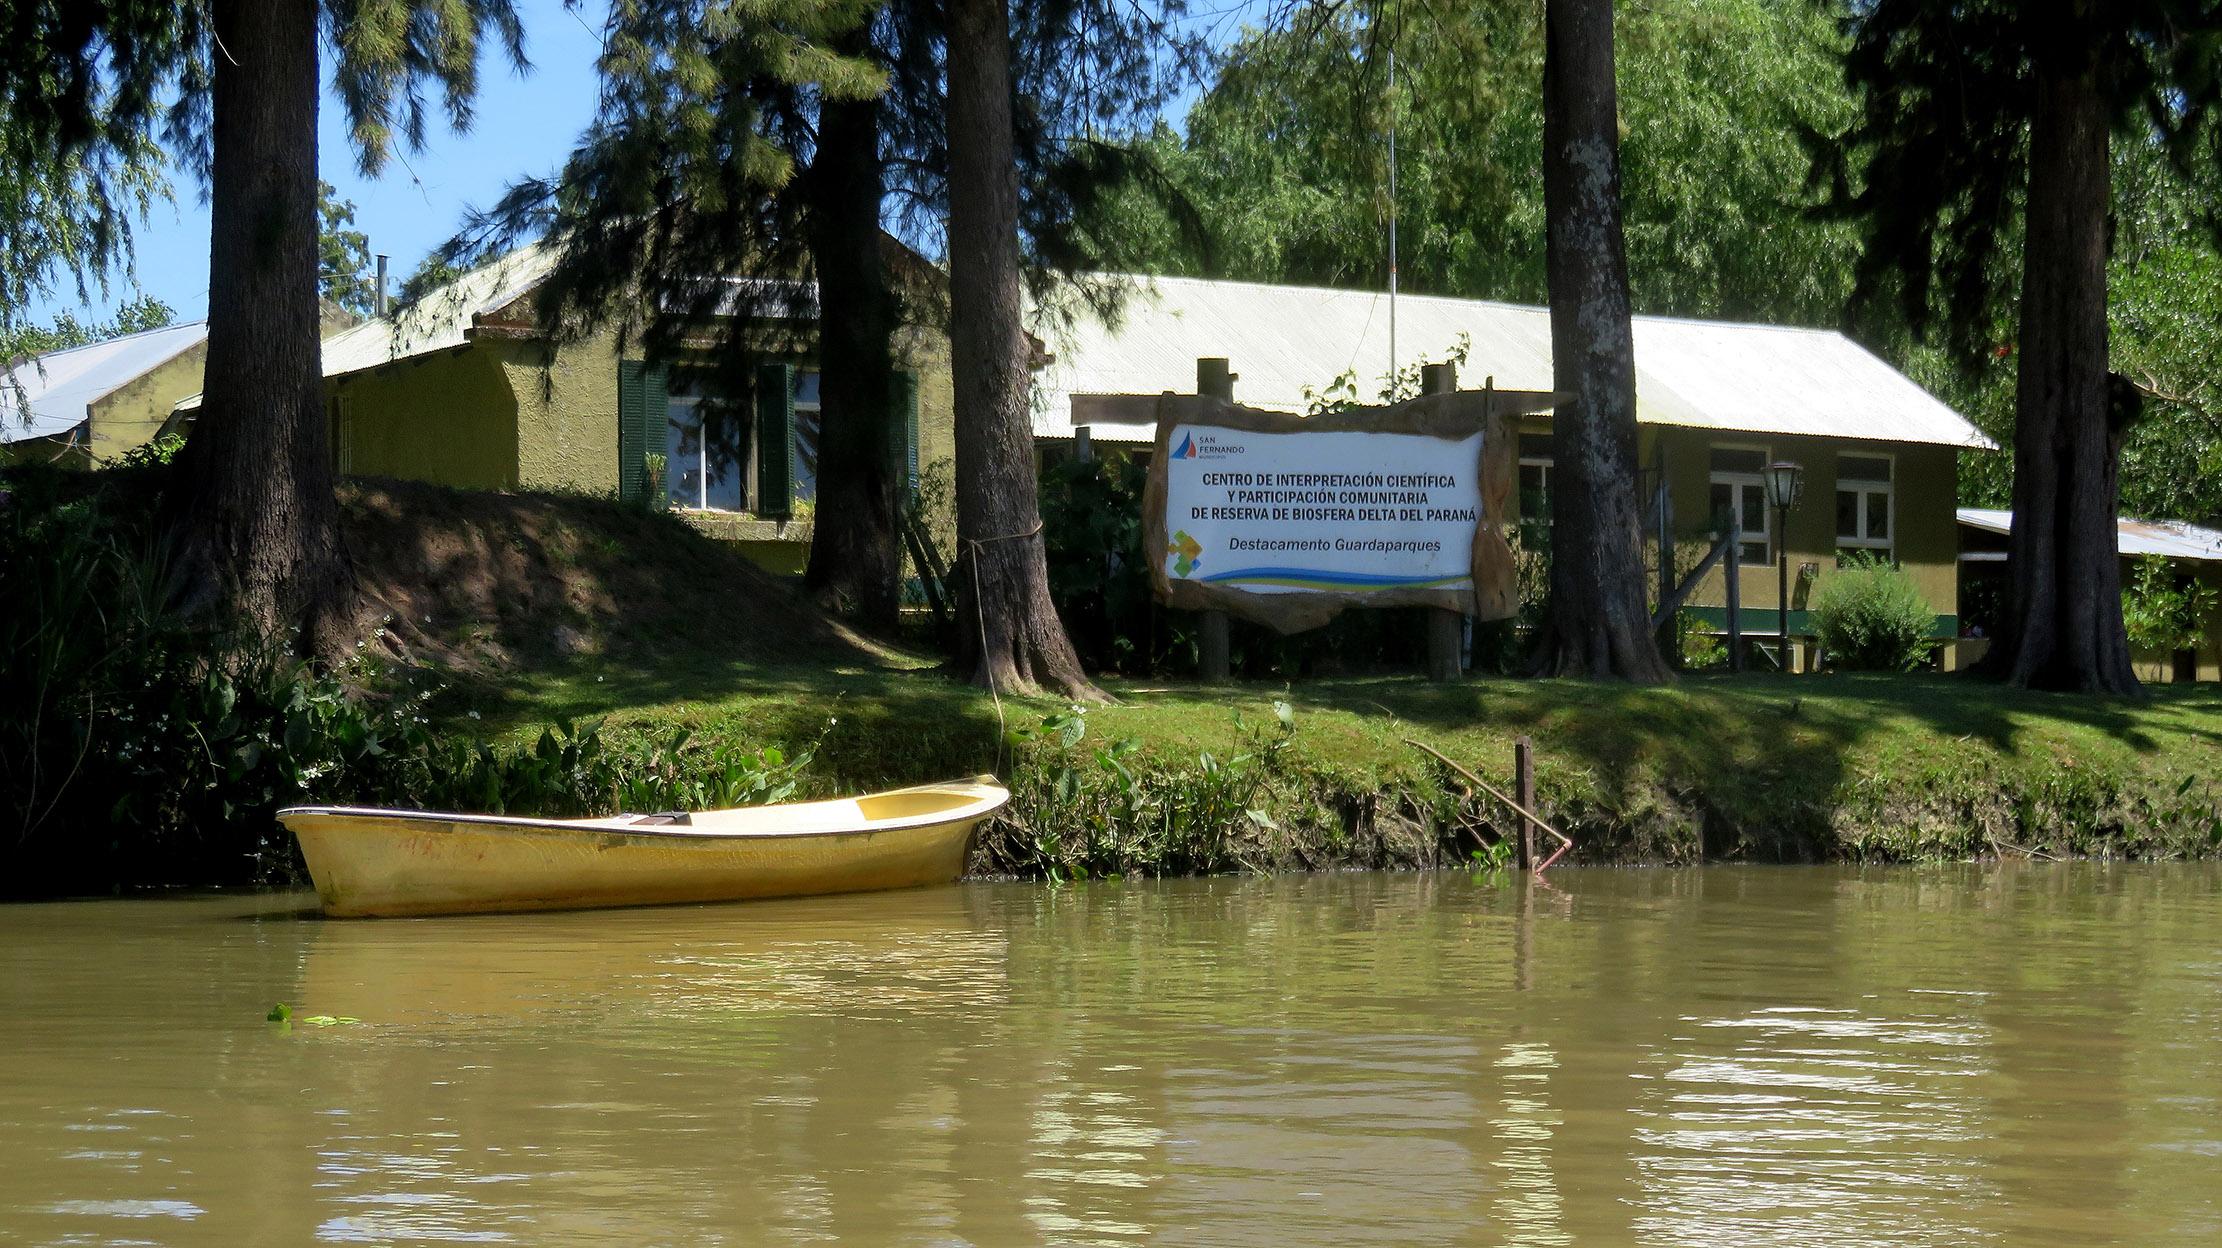 Reserva de Biosfera - San Fernando